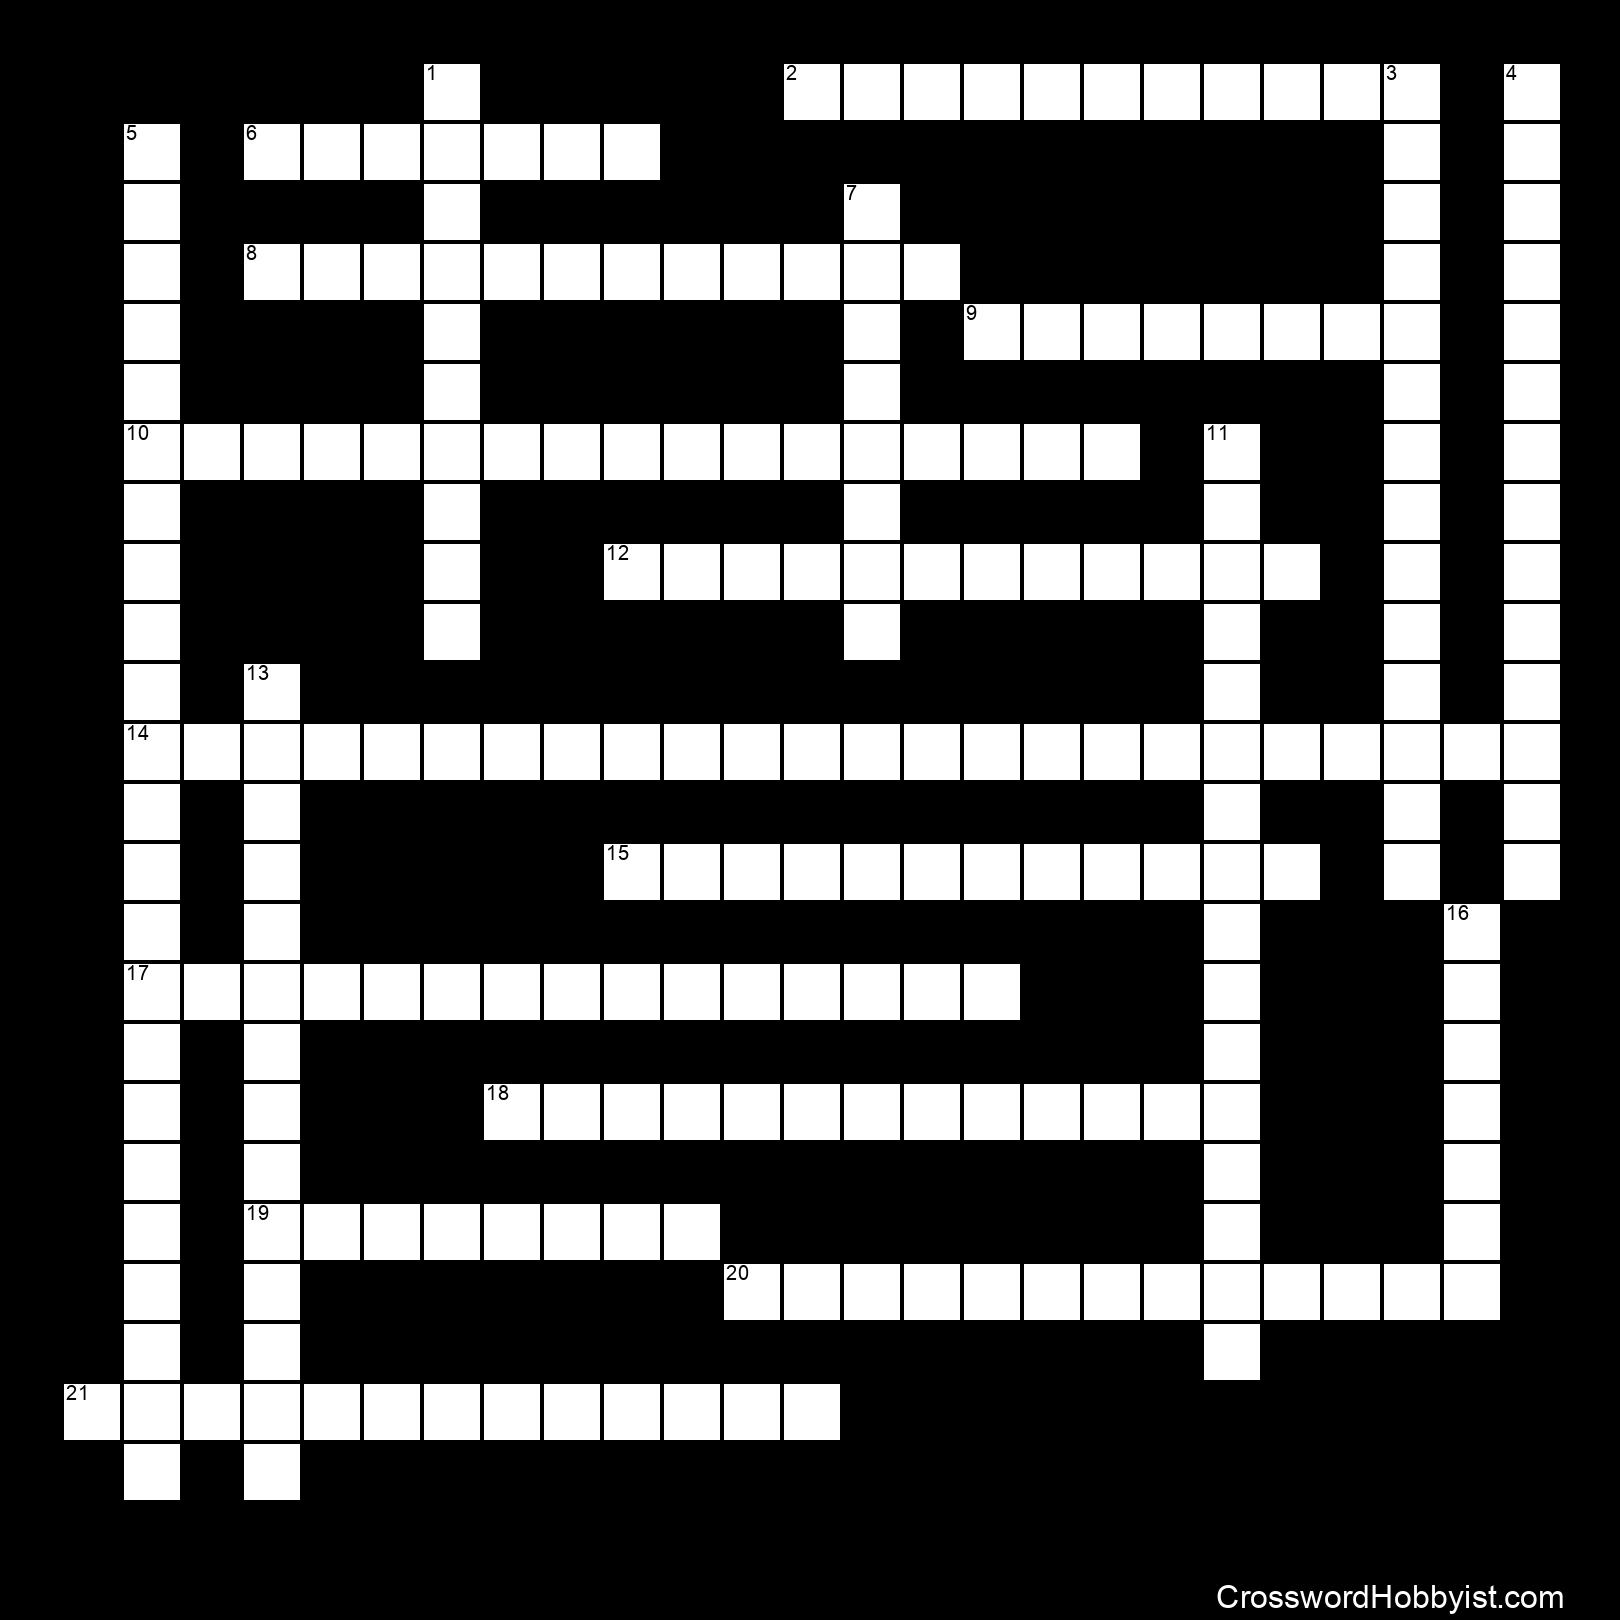 CHAPTER 7 CROSSWORD - Crossword Puzzle